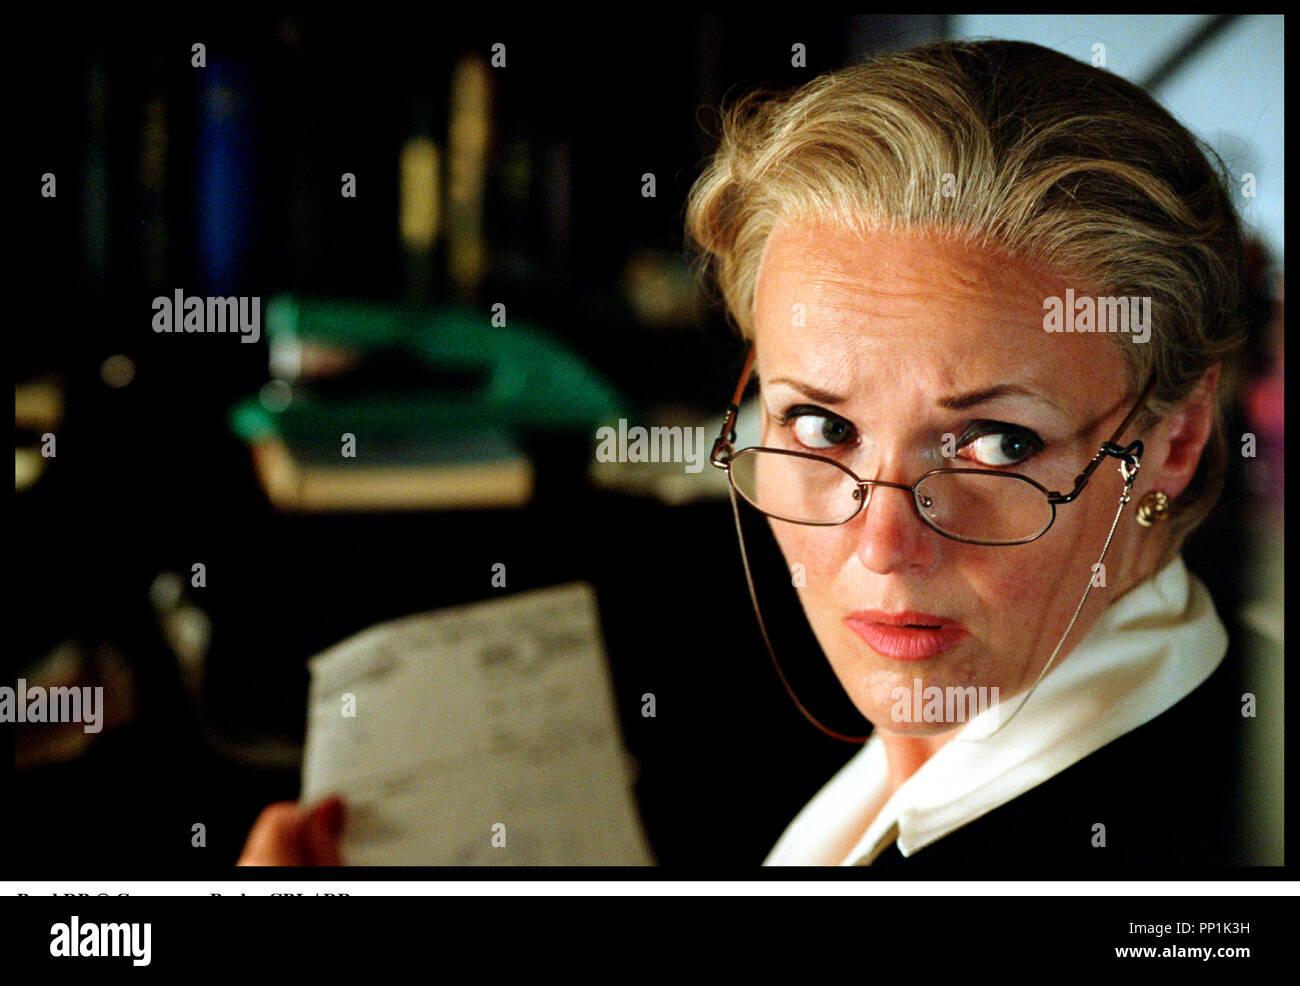 Prod DB © Grosvenor Park - CBL / DR SPIDER (SPIDER) de David Cronenberg 2002 USA avec Miranda Richardson  portrait d'apres le roman de Patrick McGrath - Stock Image